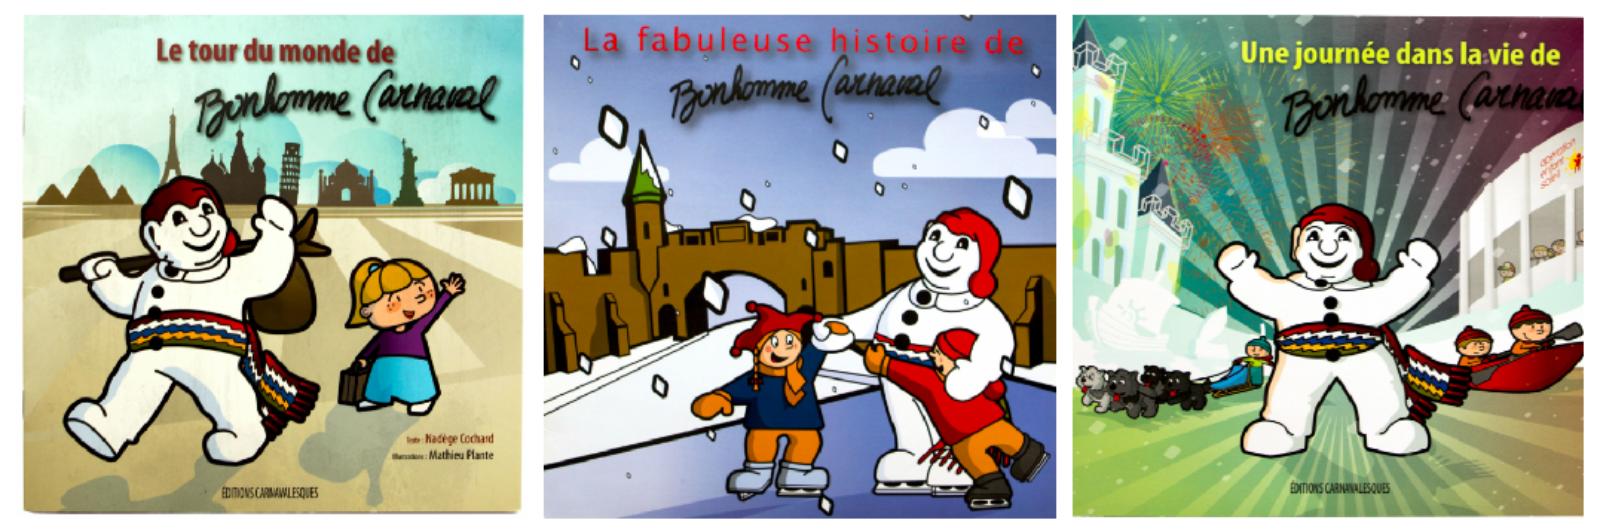 Célébrons les 65 ans de Bonhomme Carnaval avec 4 albums pour enfants !